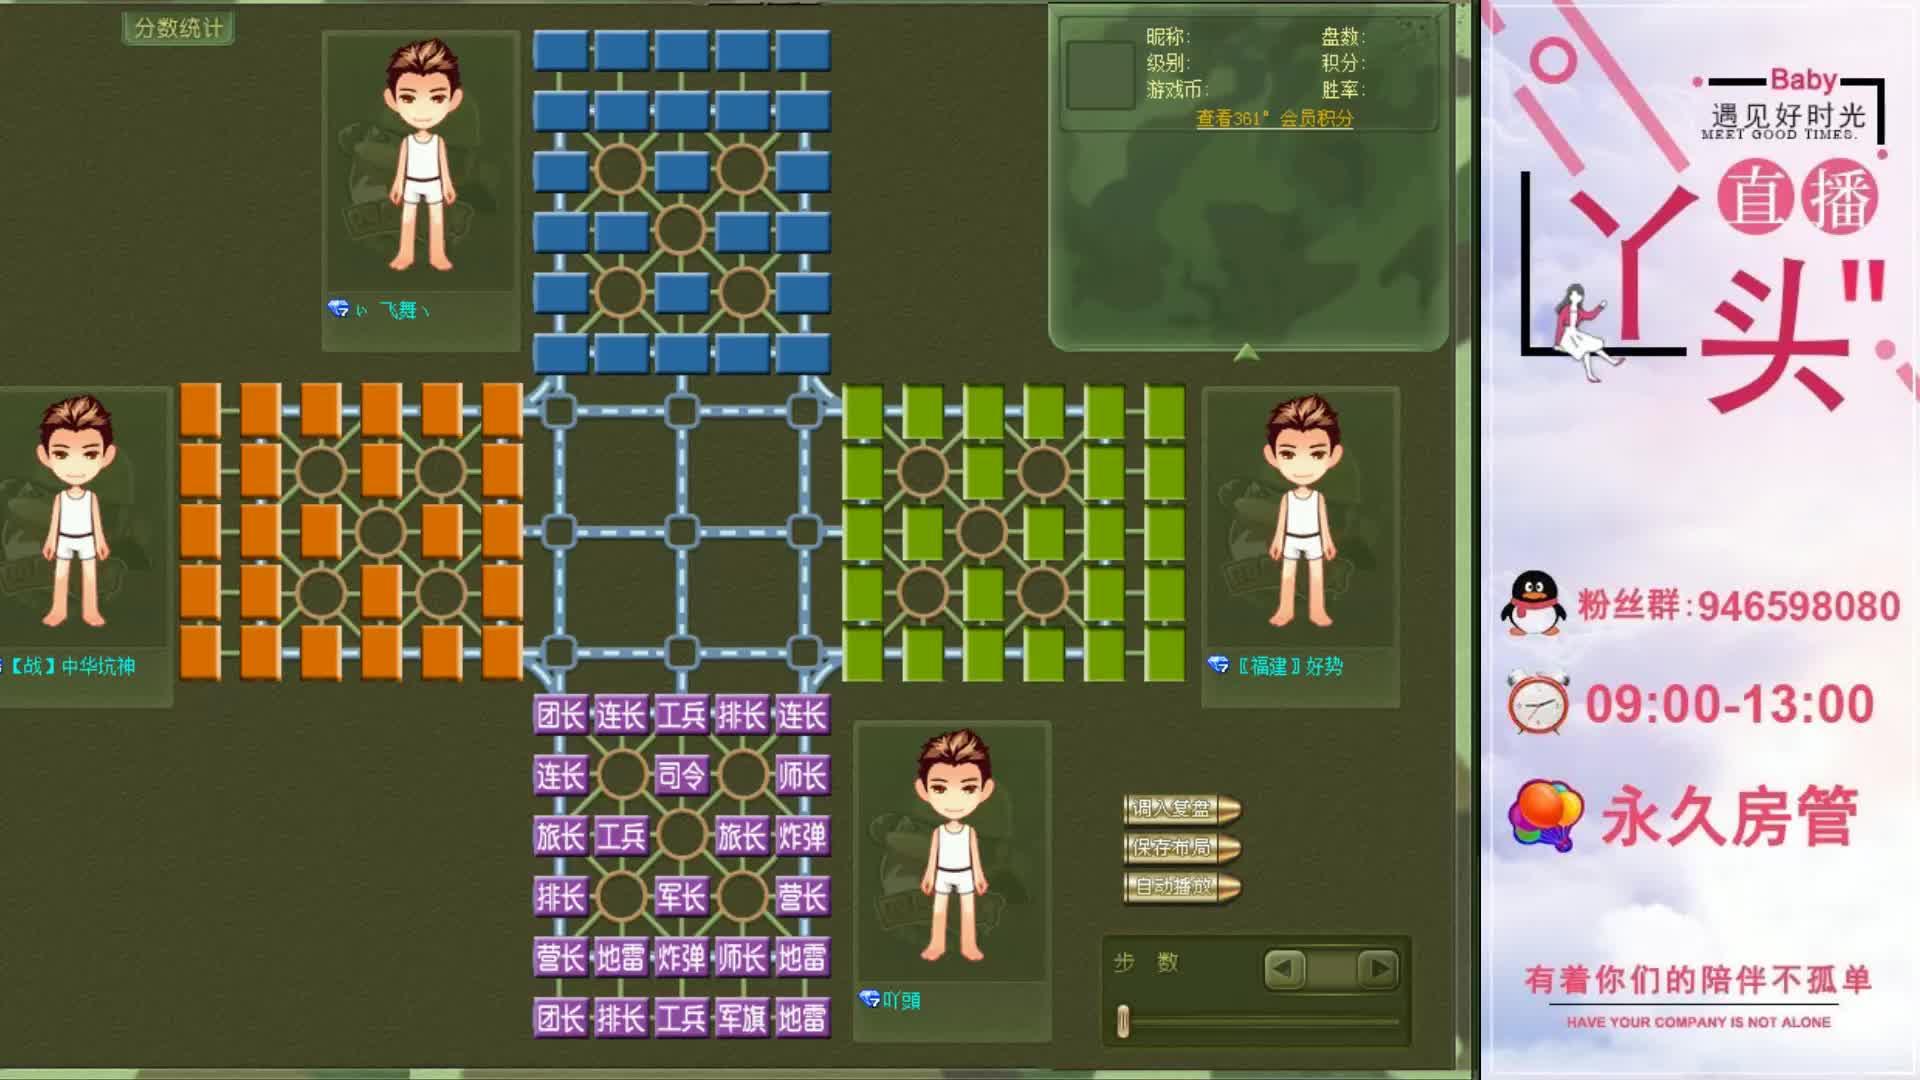 四国军棋:对手大优的棋能让我们赢 难道是丫头太厉害了哈哈